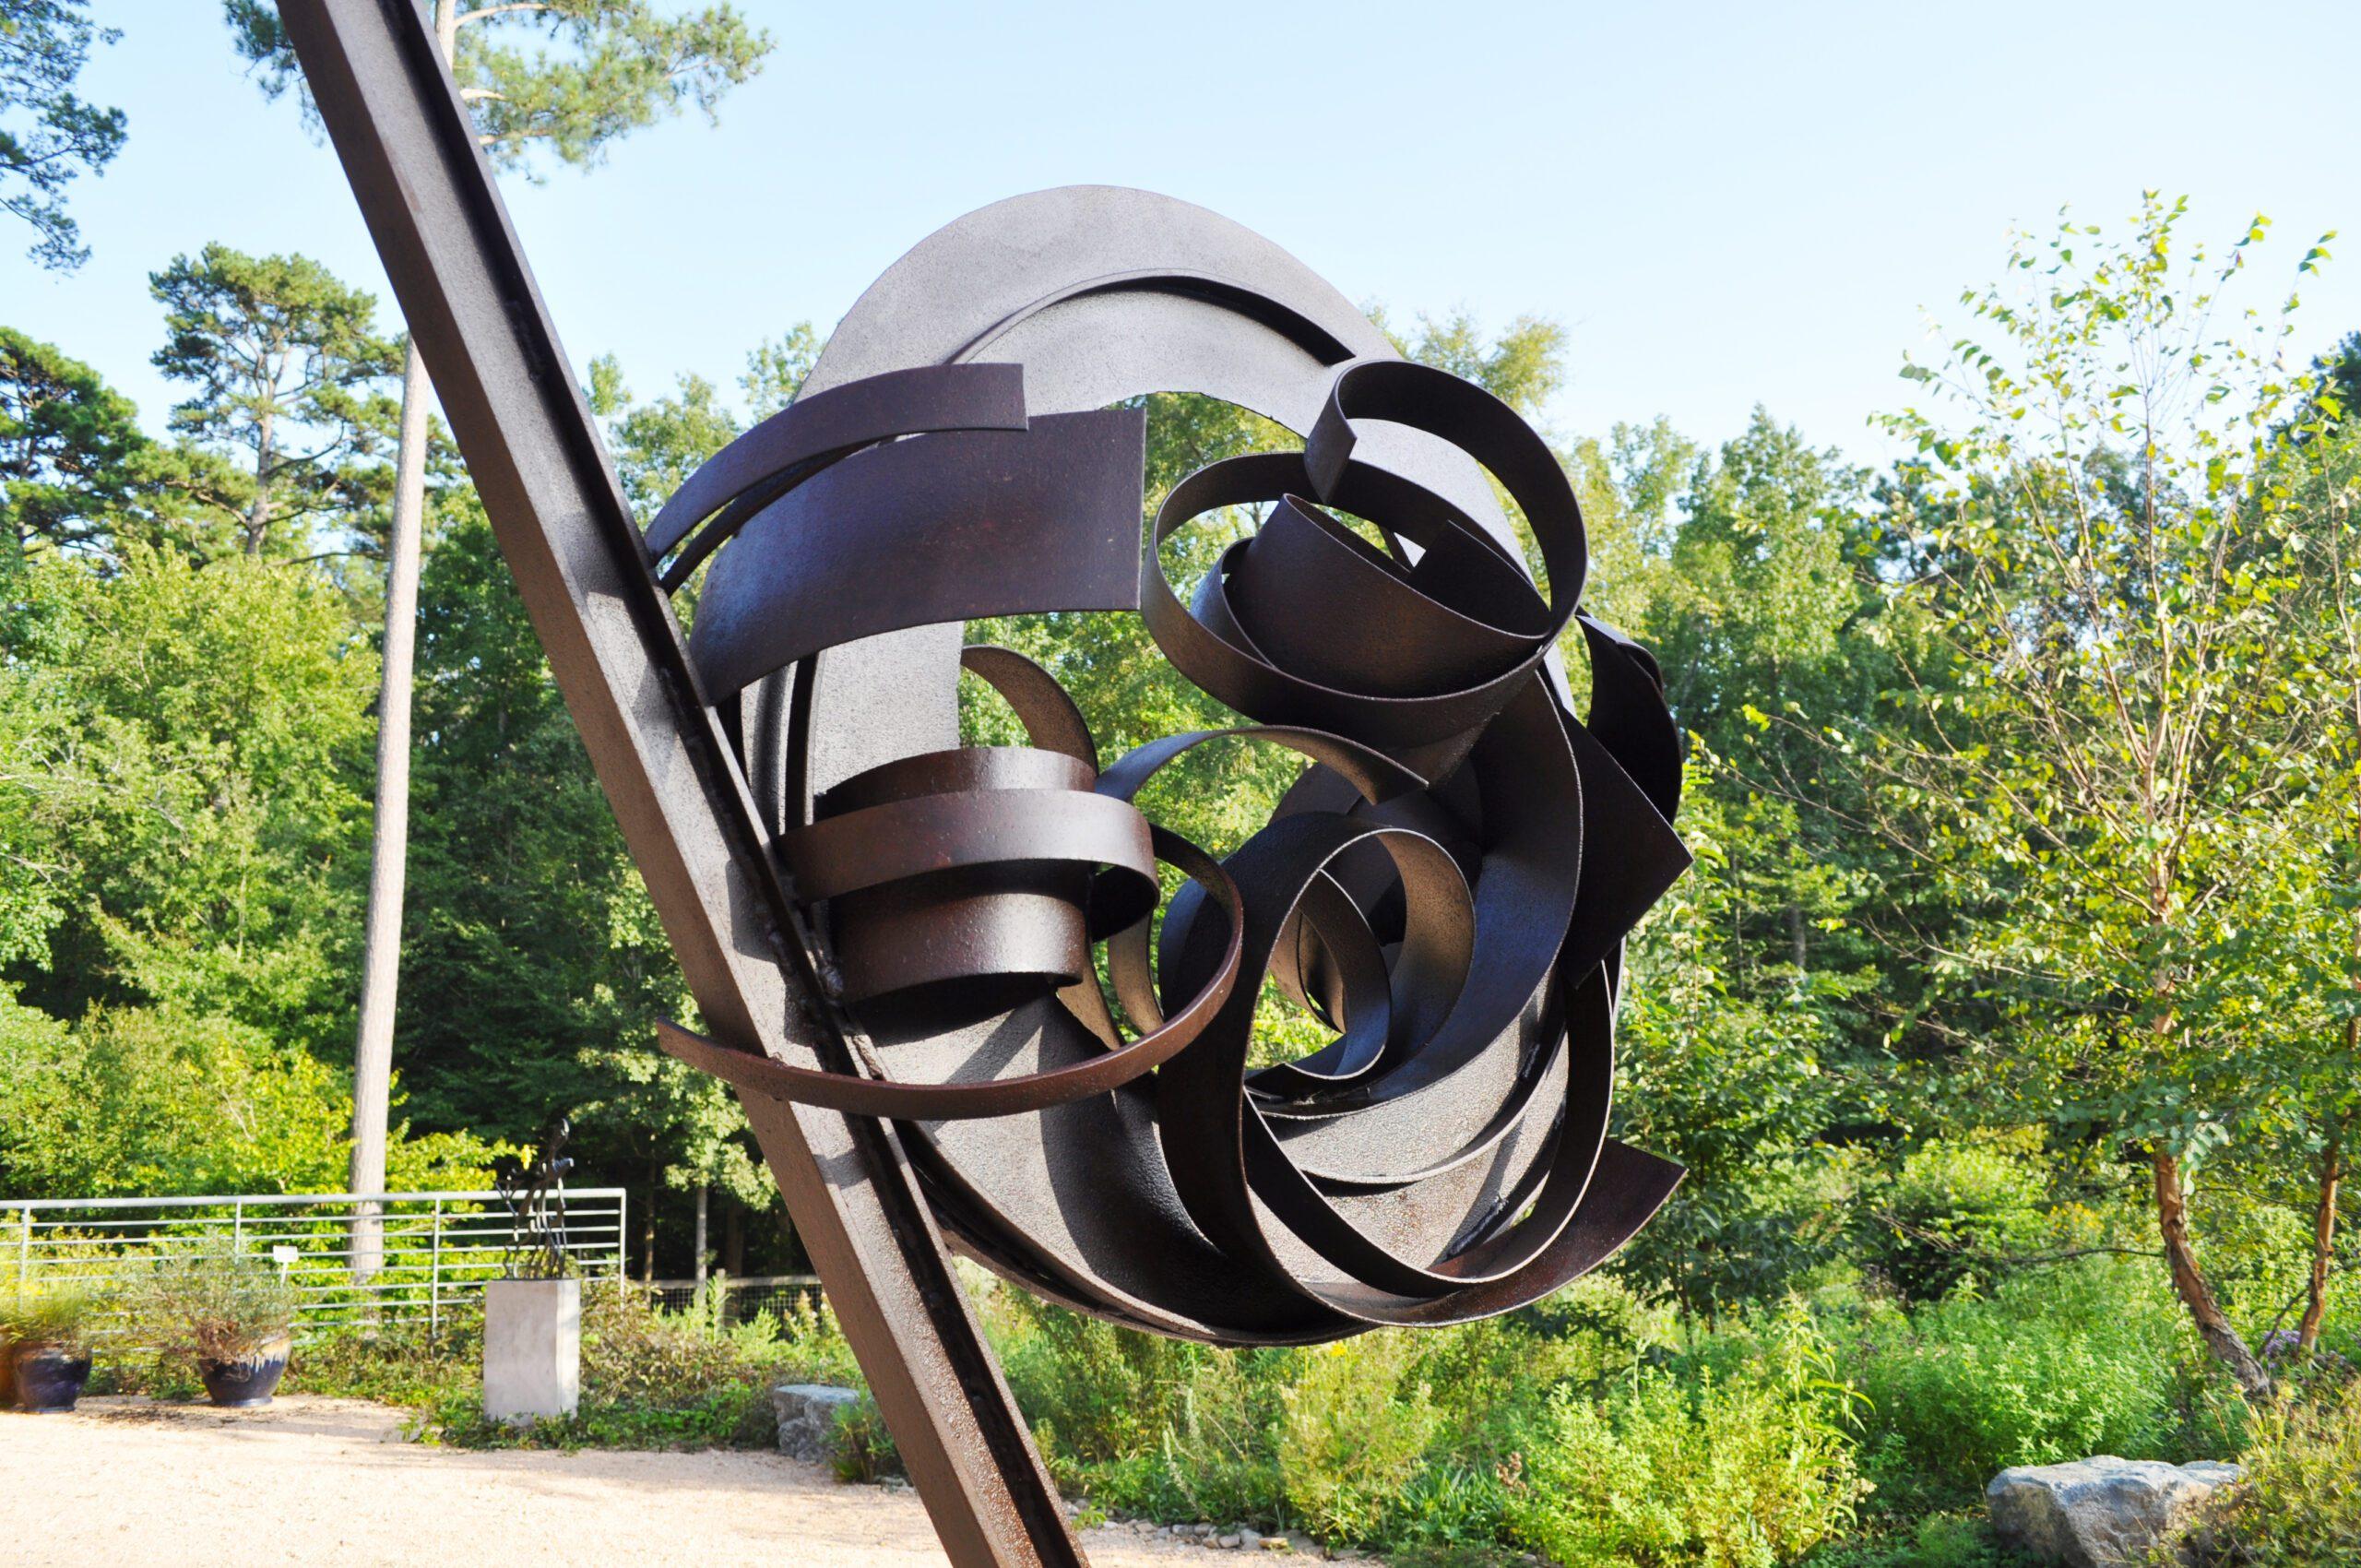 Sculpture at the North Carolina Botanical Garden